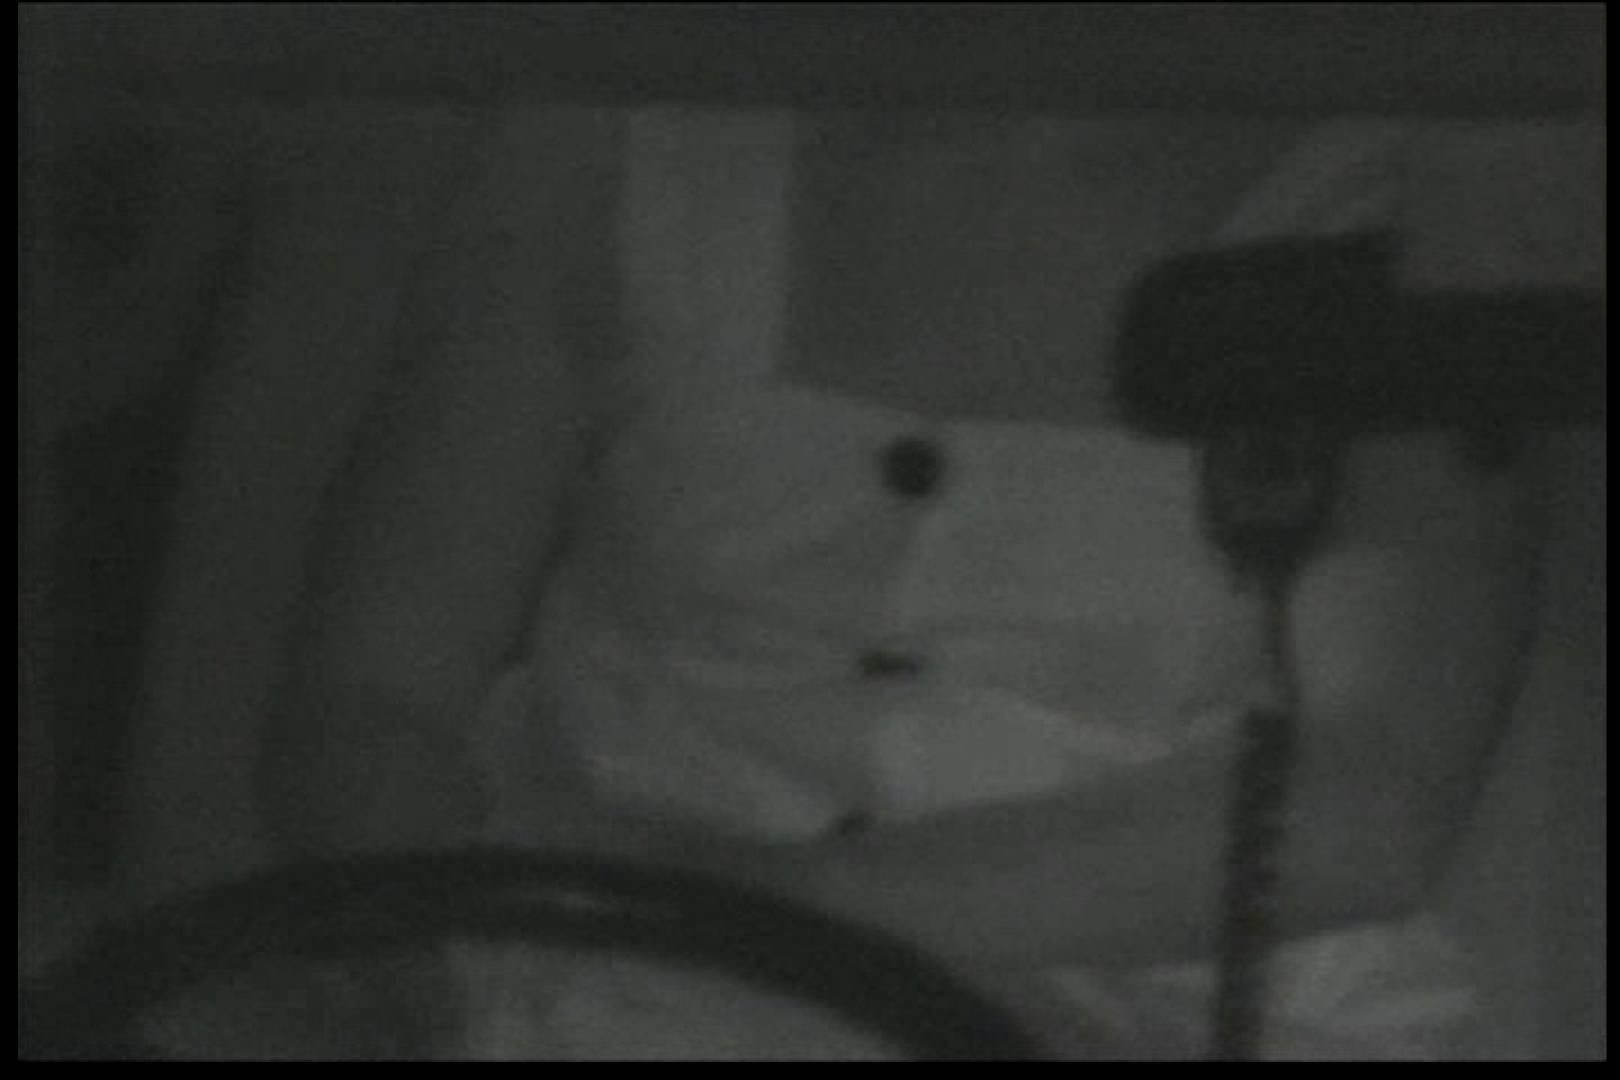 車の中はラブホテル 無修正版  Vol.12 車 すけべAV動画紹介 109連発 100